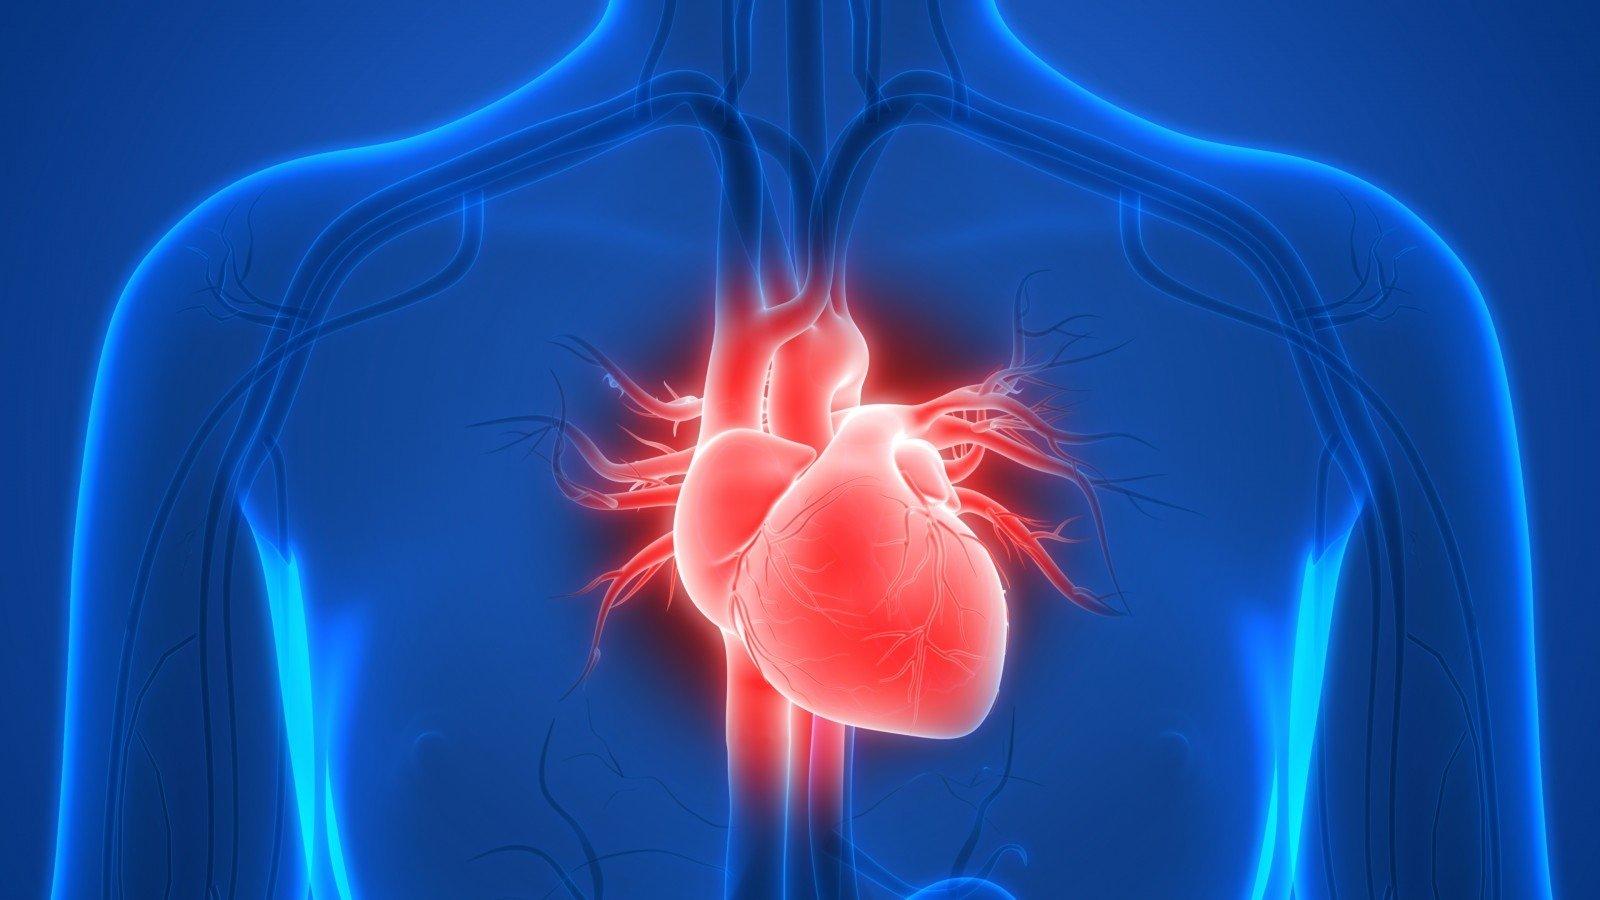 Gydytojas: silkėje esančios medžiagos stiprina imuninę sistemą, pasitarnauja ir širdžiai - LRT